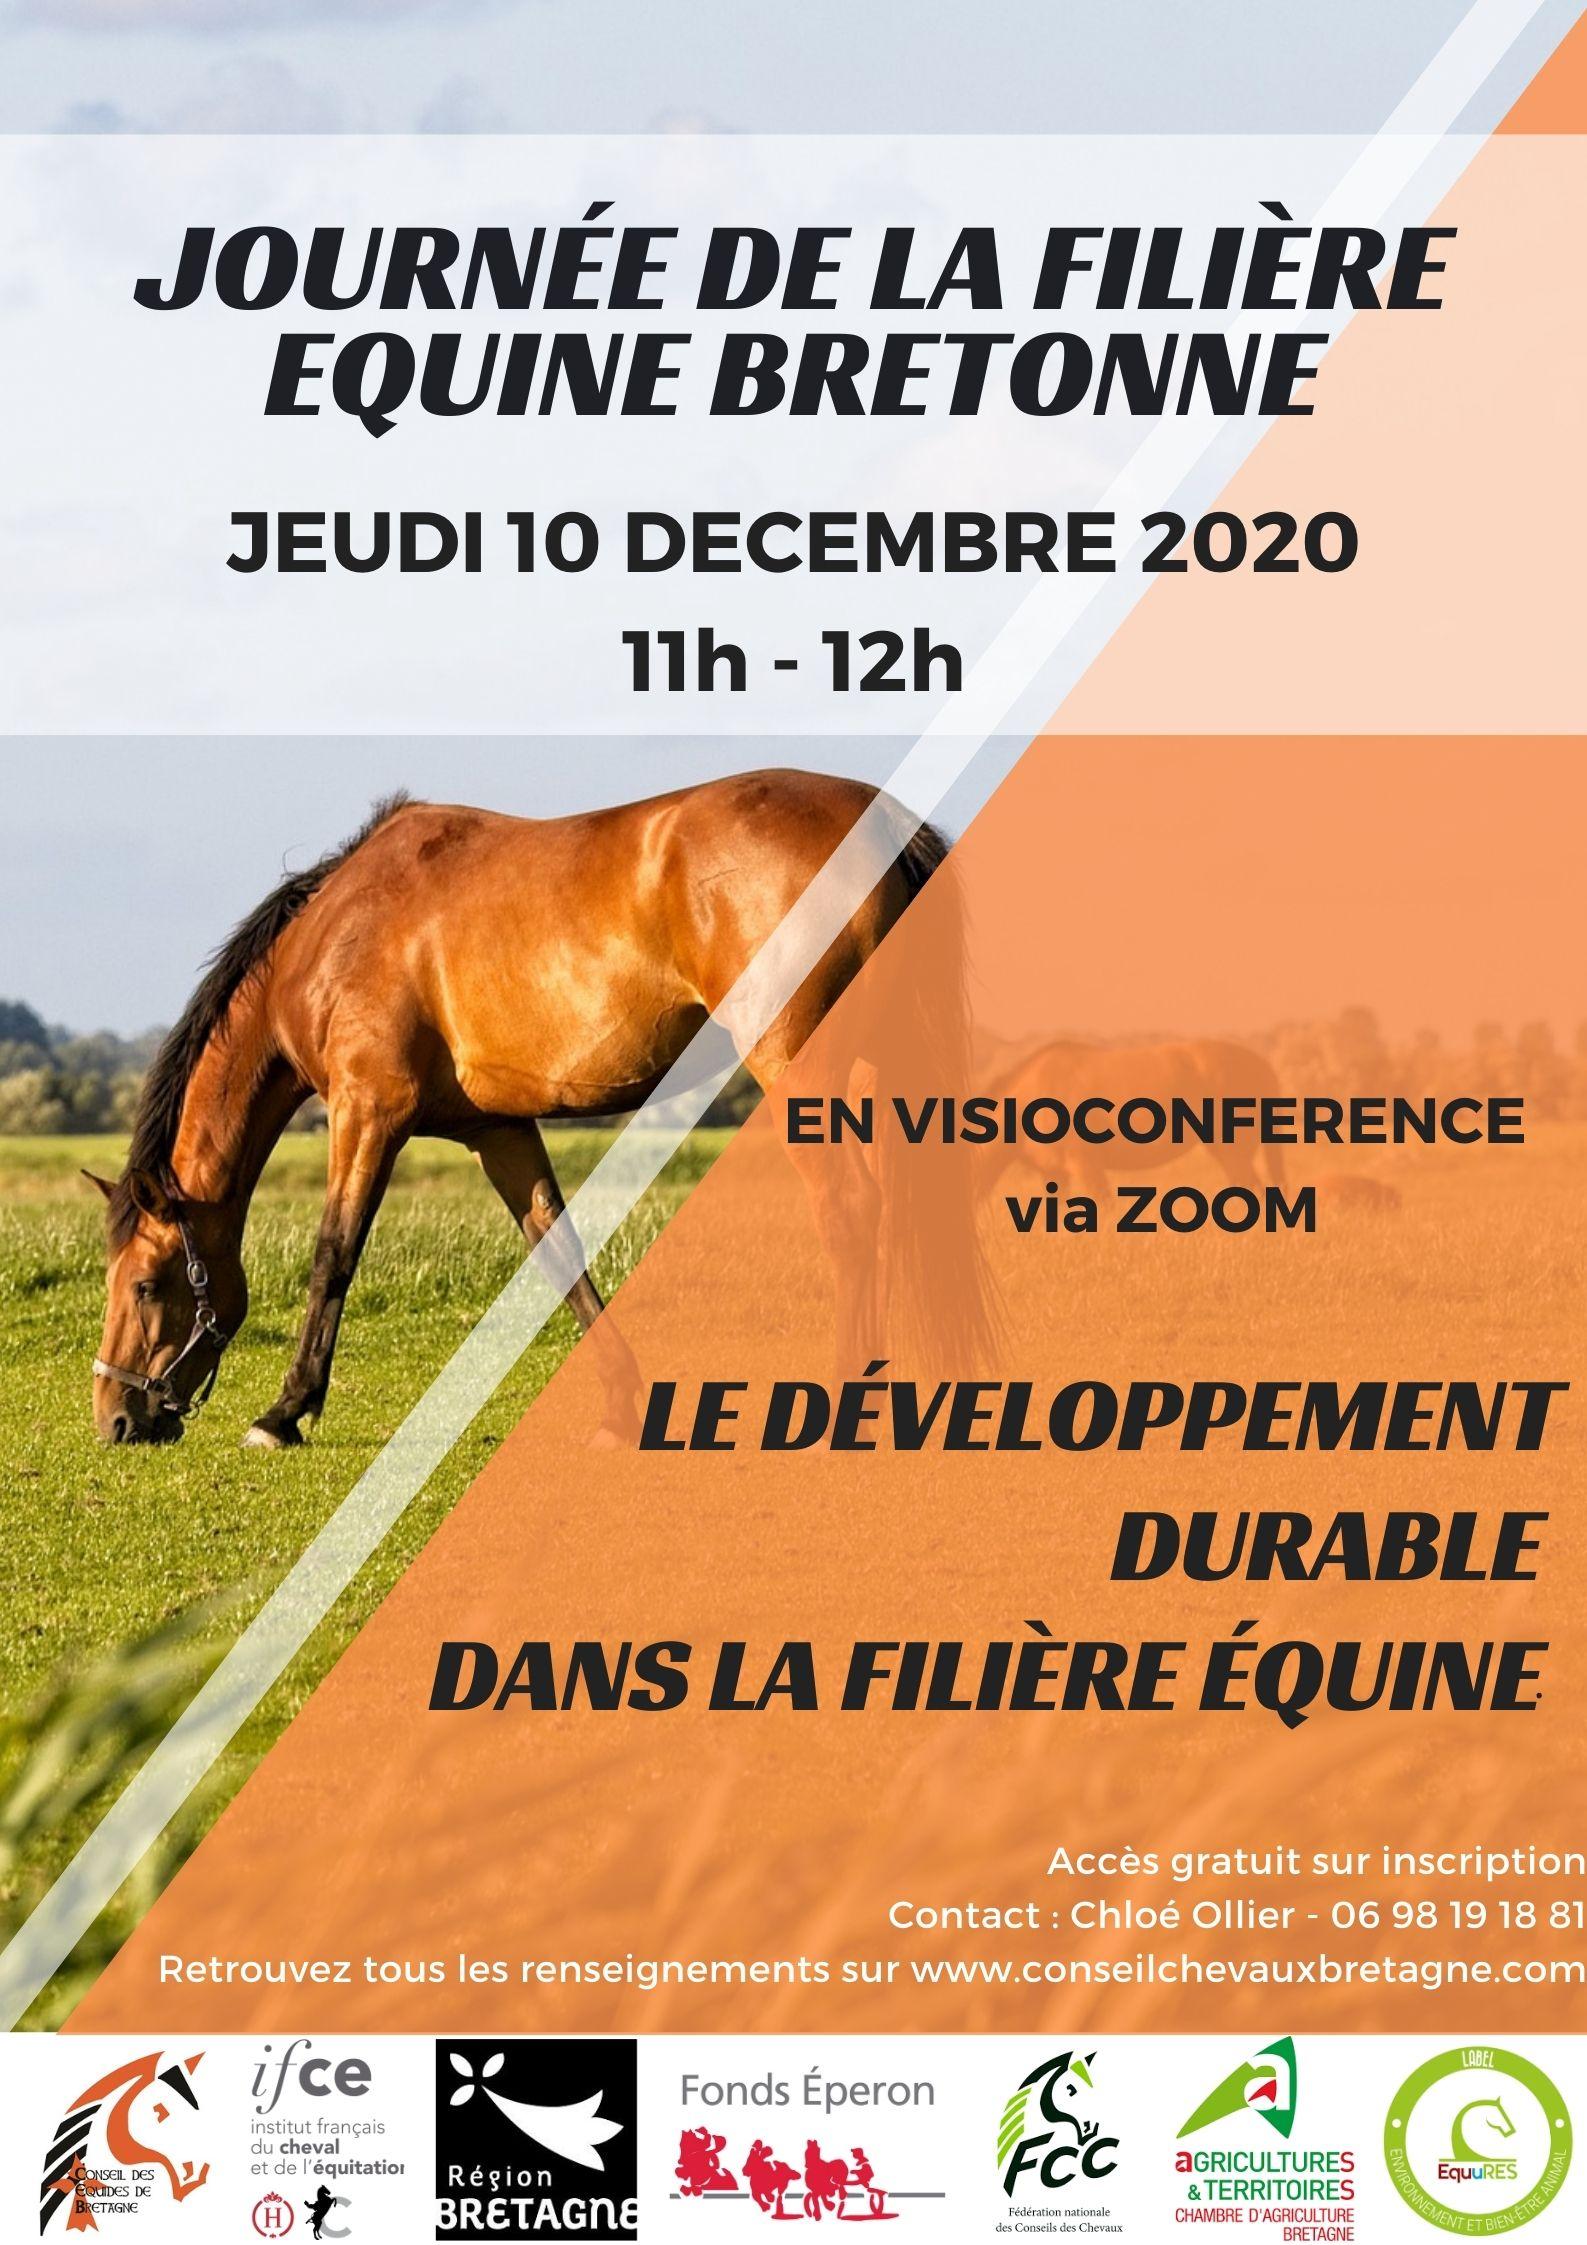 🔁 Replay : La Journée Filière Equine Bretonne  sur le développement durable dans la filière équine 🌳 🐎